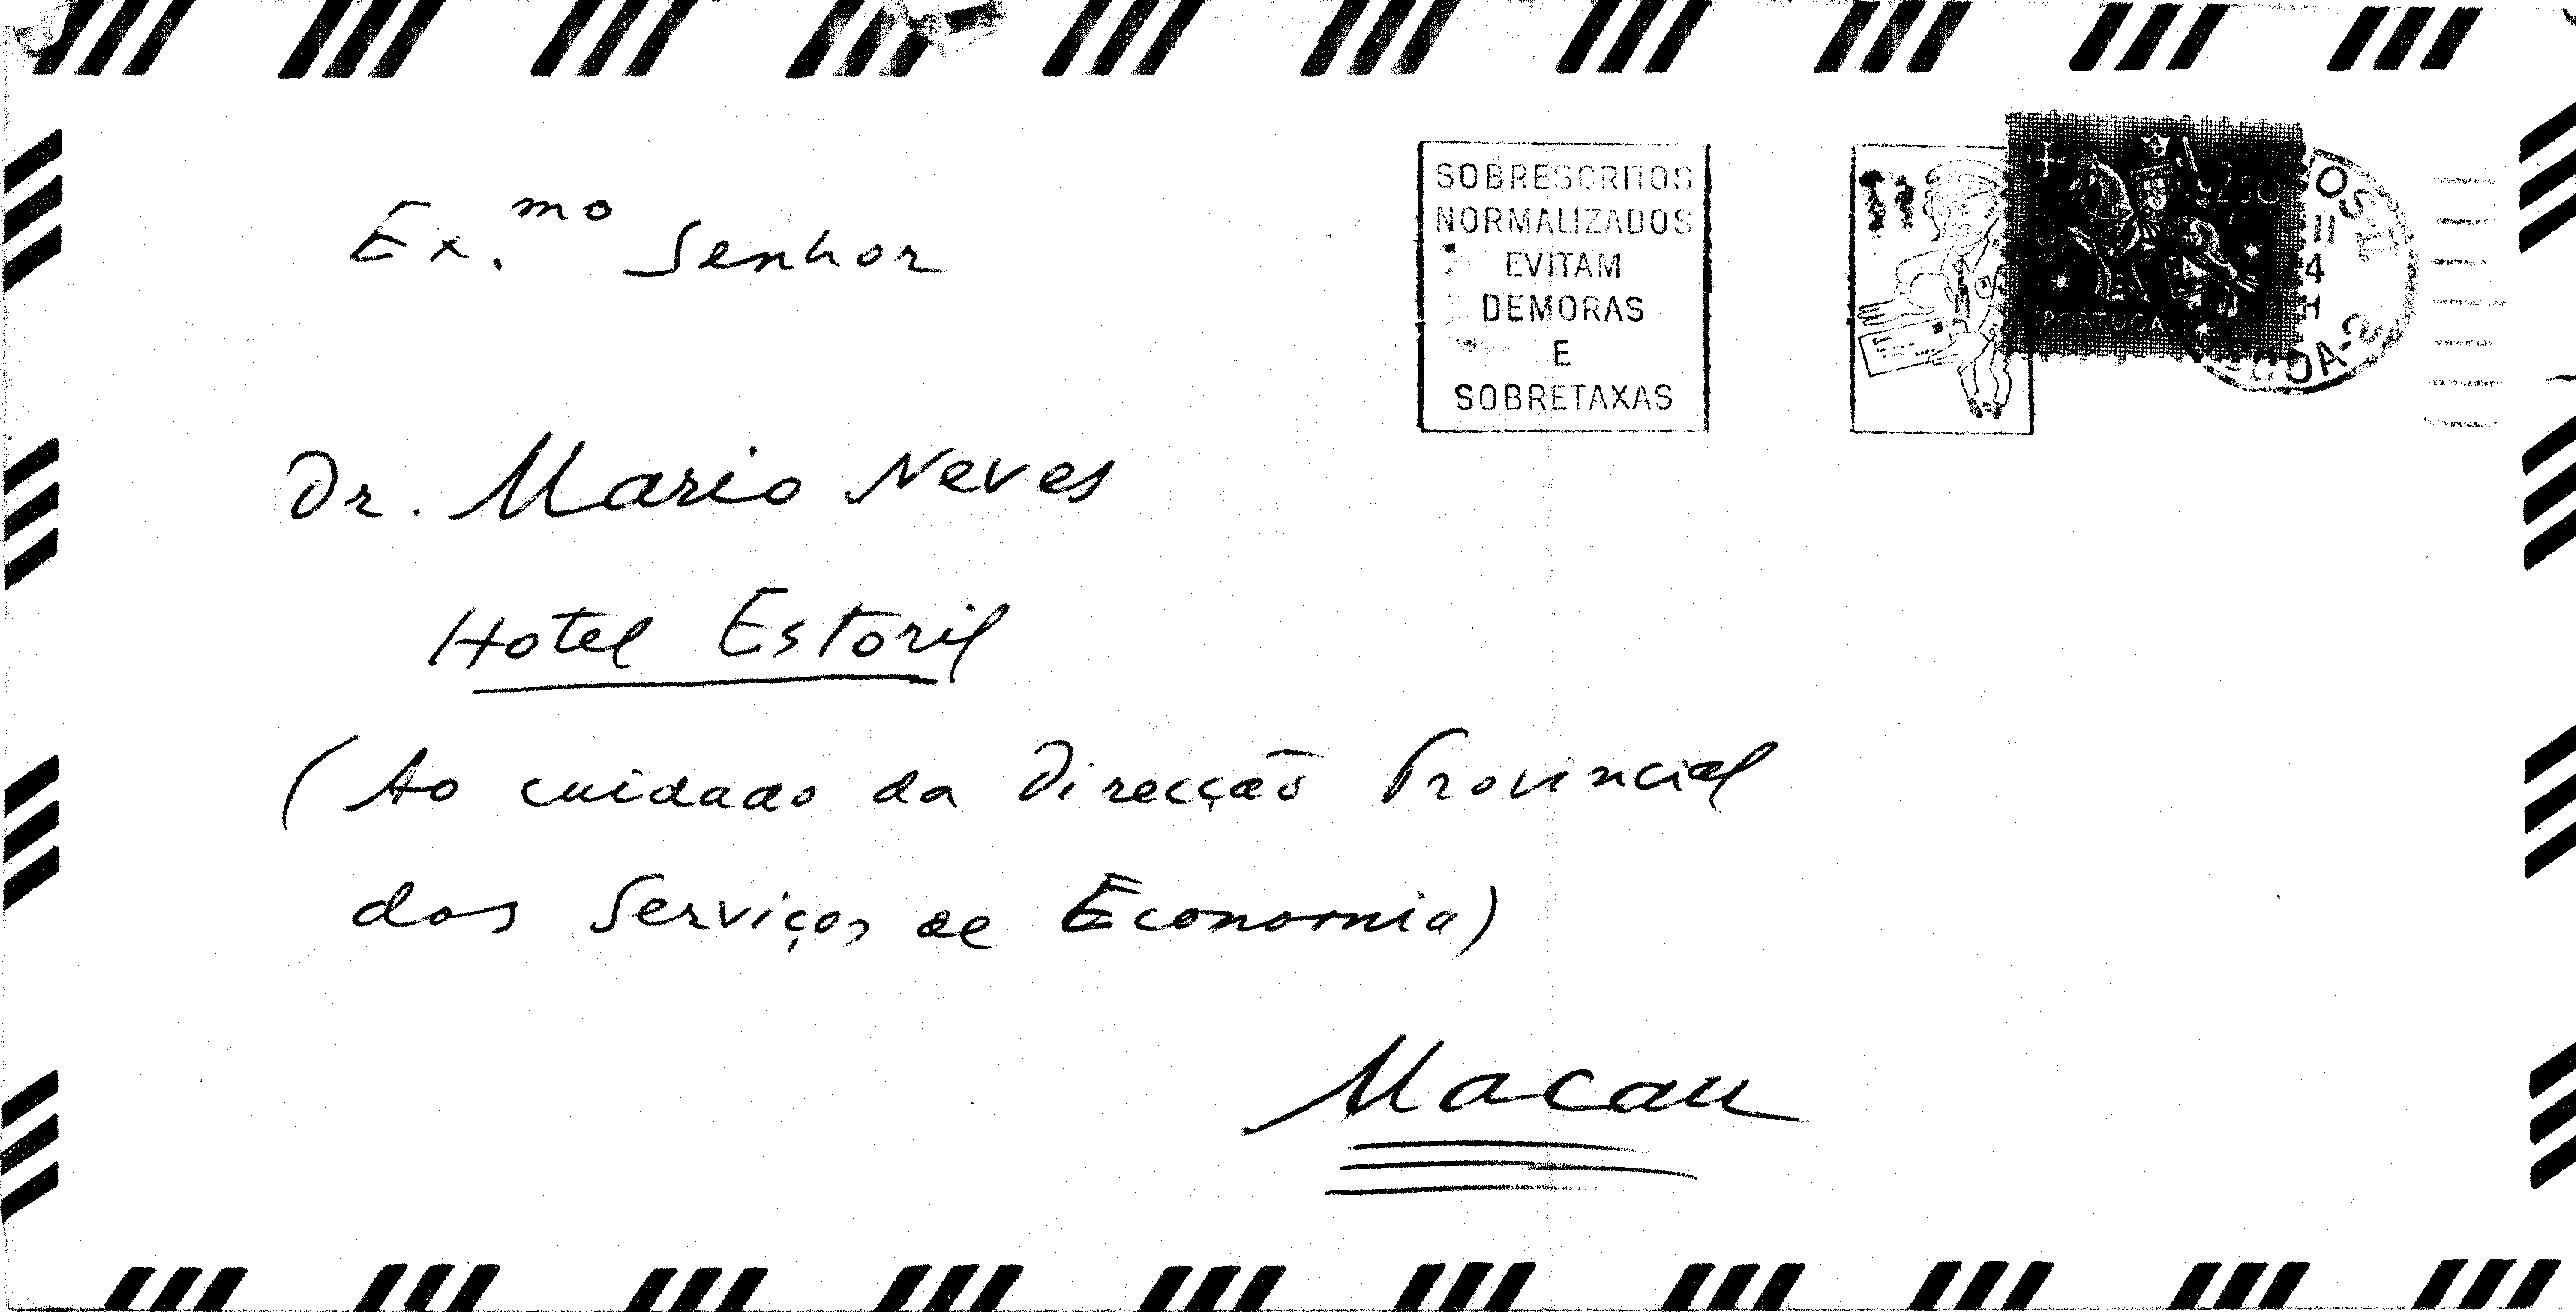 04547.011.003- pag.1